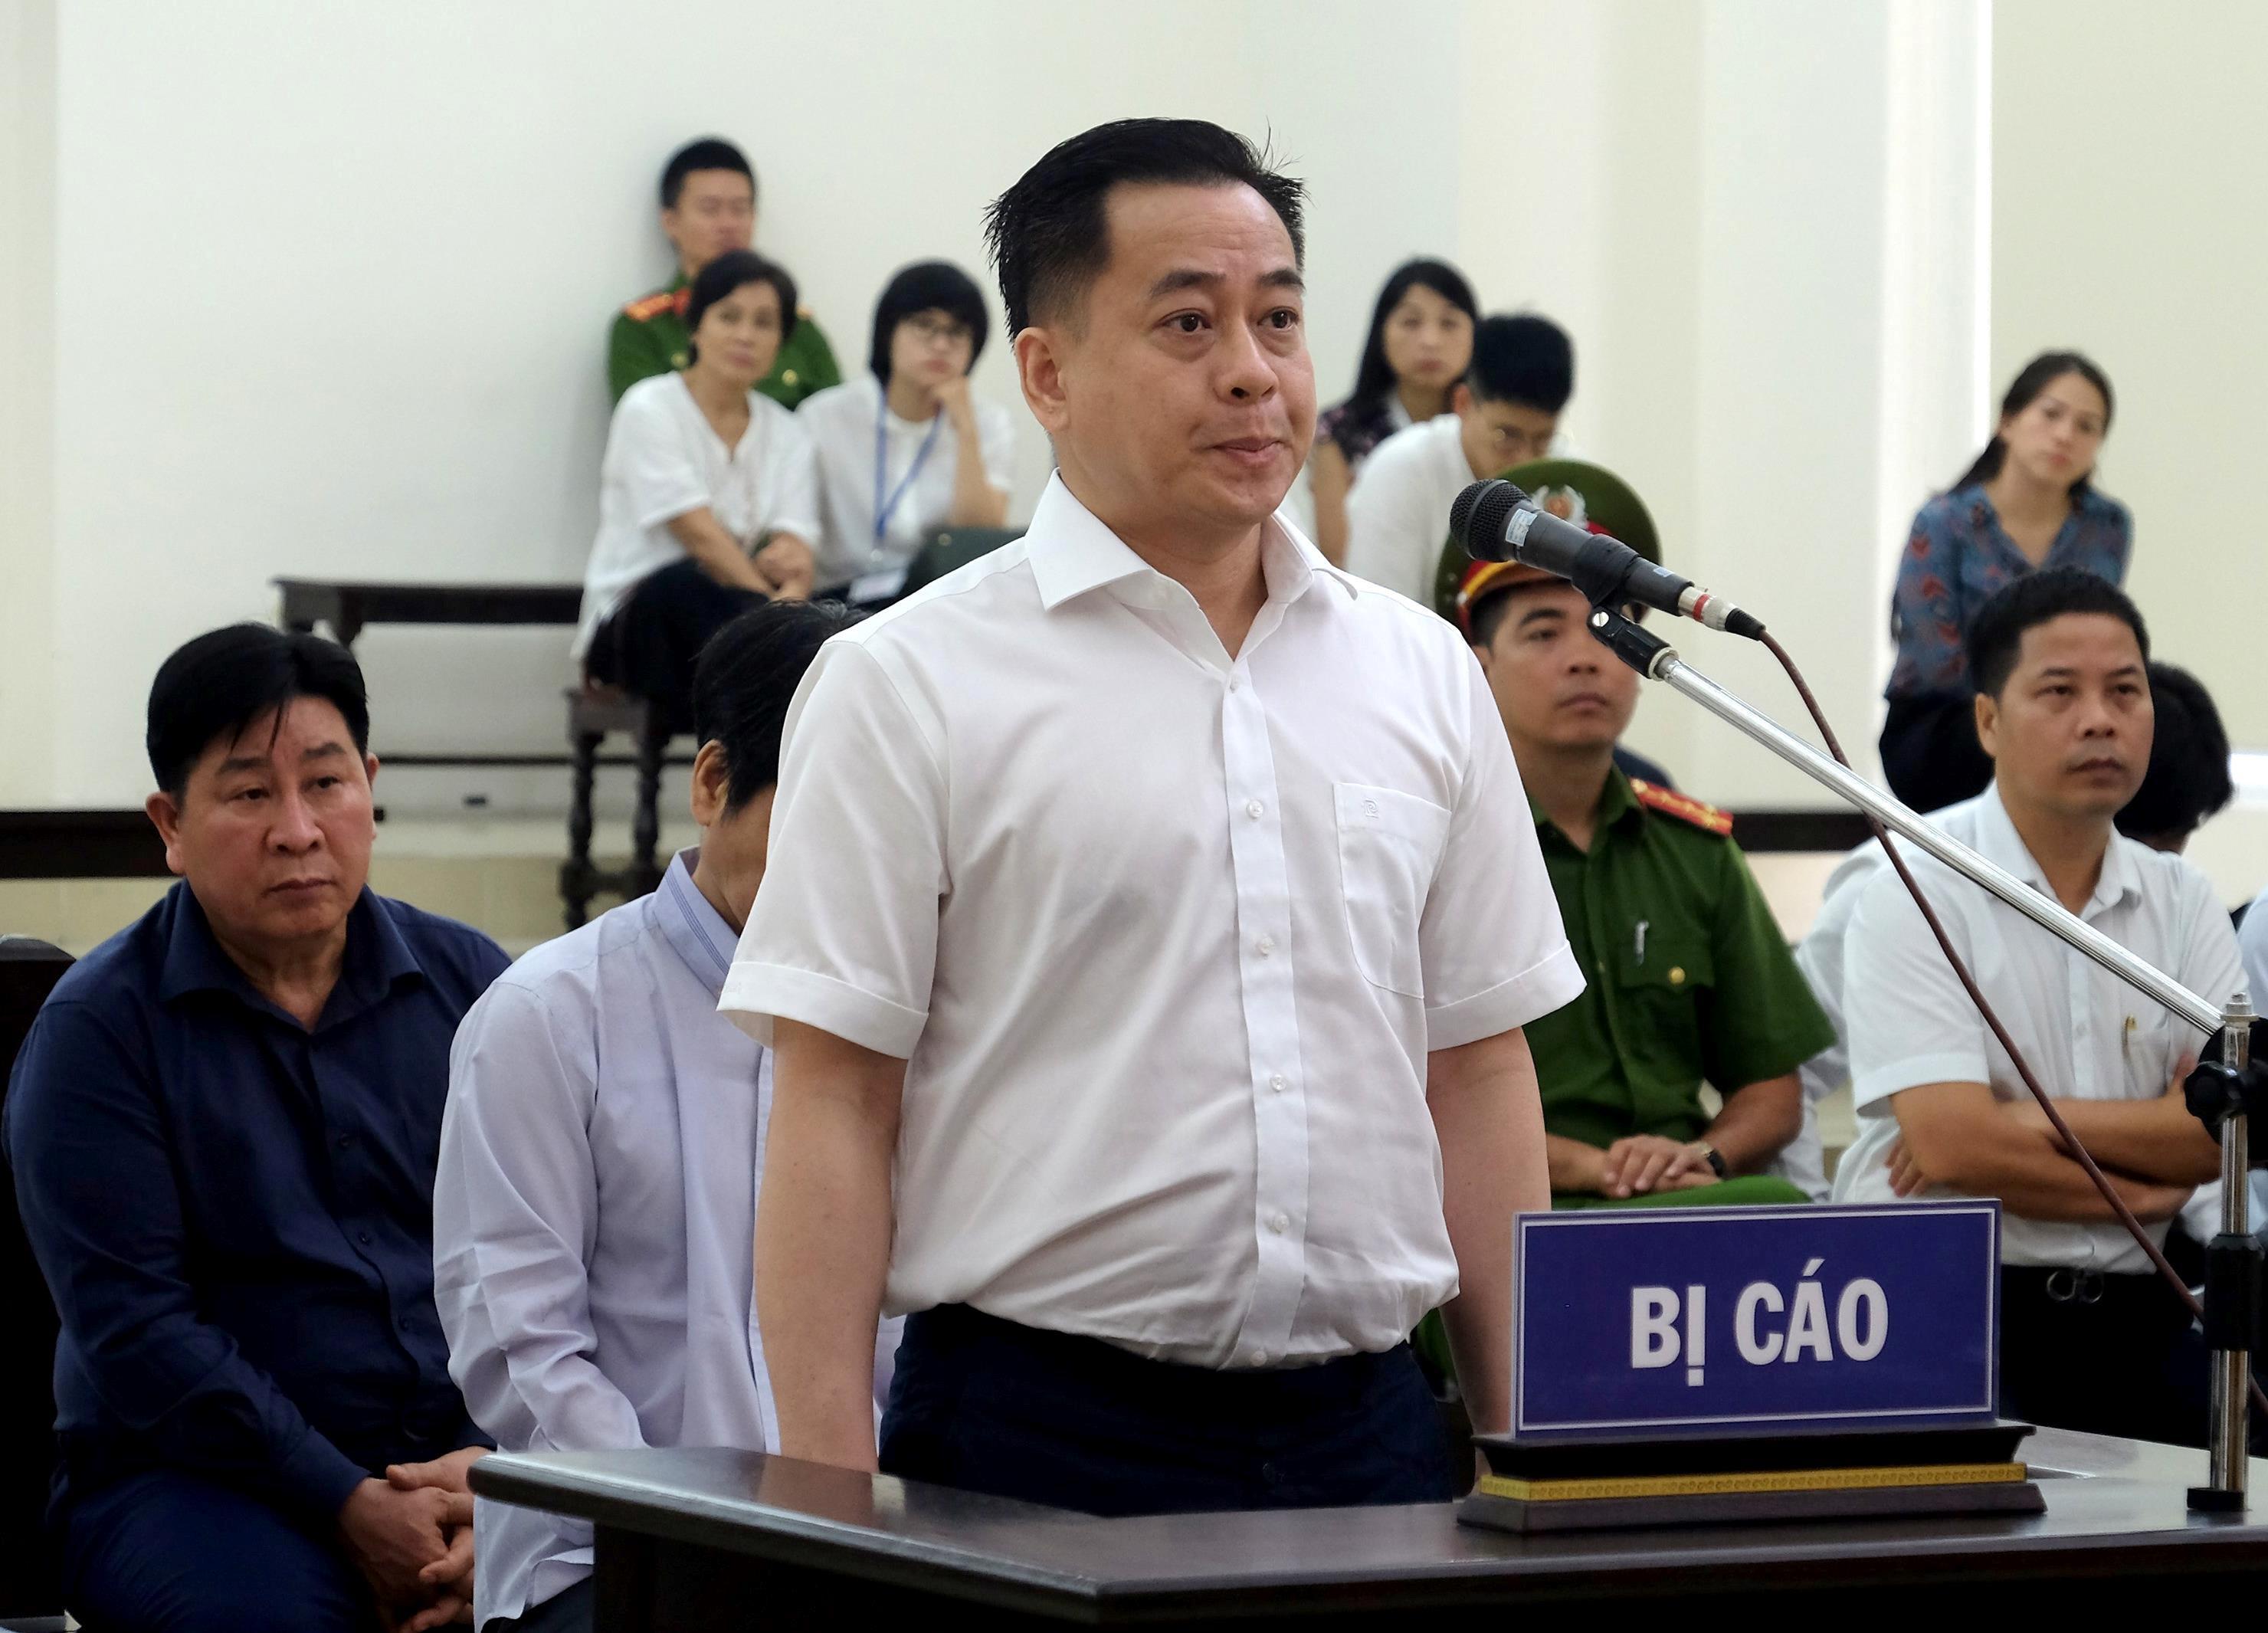 Cựu thứ trưởng Trần Việt Tân: 'Tôi tin cấp dưới nên ký không kiểm tra' Ảnh 2